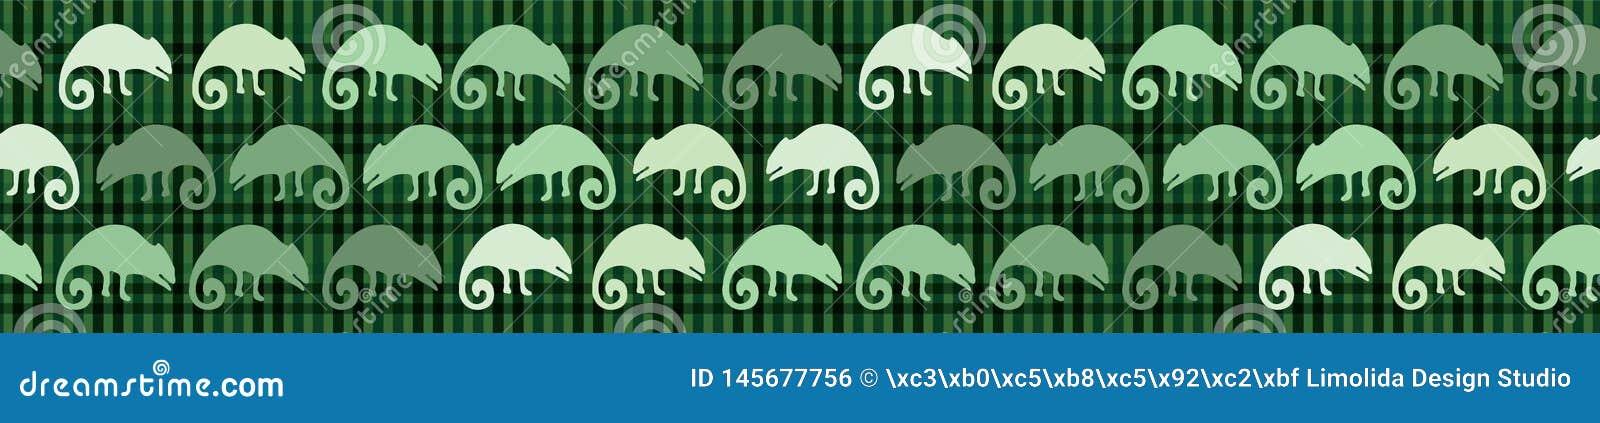 Naadloos de grenspatroon van de kameleonhagedis Groene reptiel herhaalbare vectorillustratie